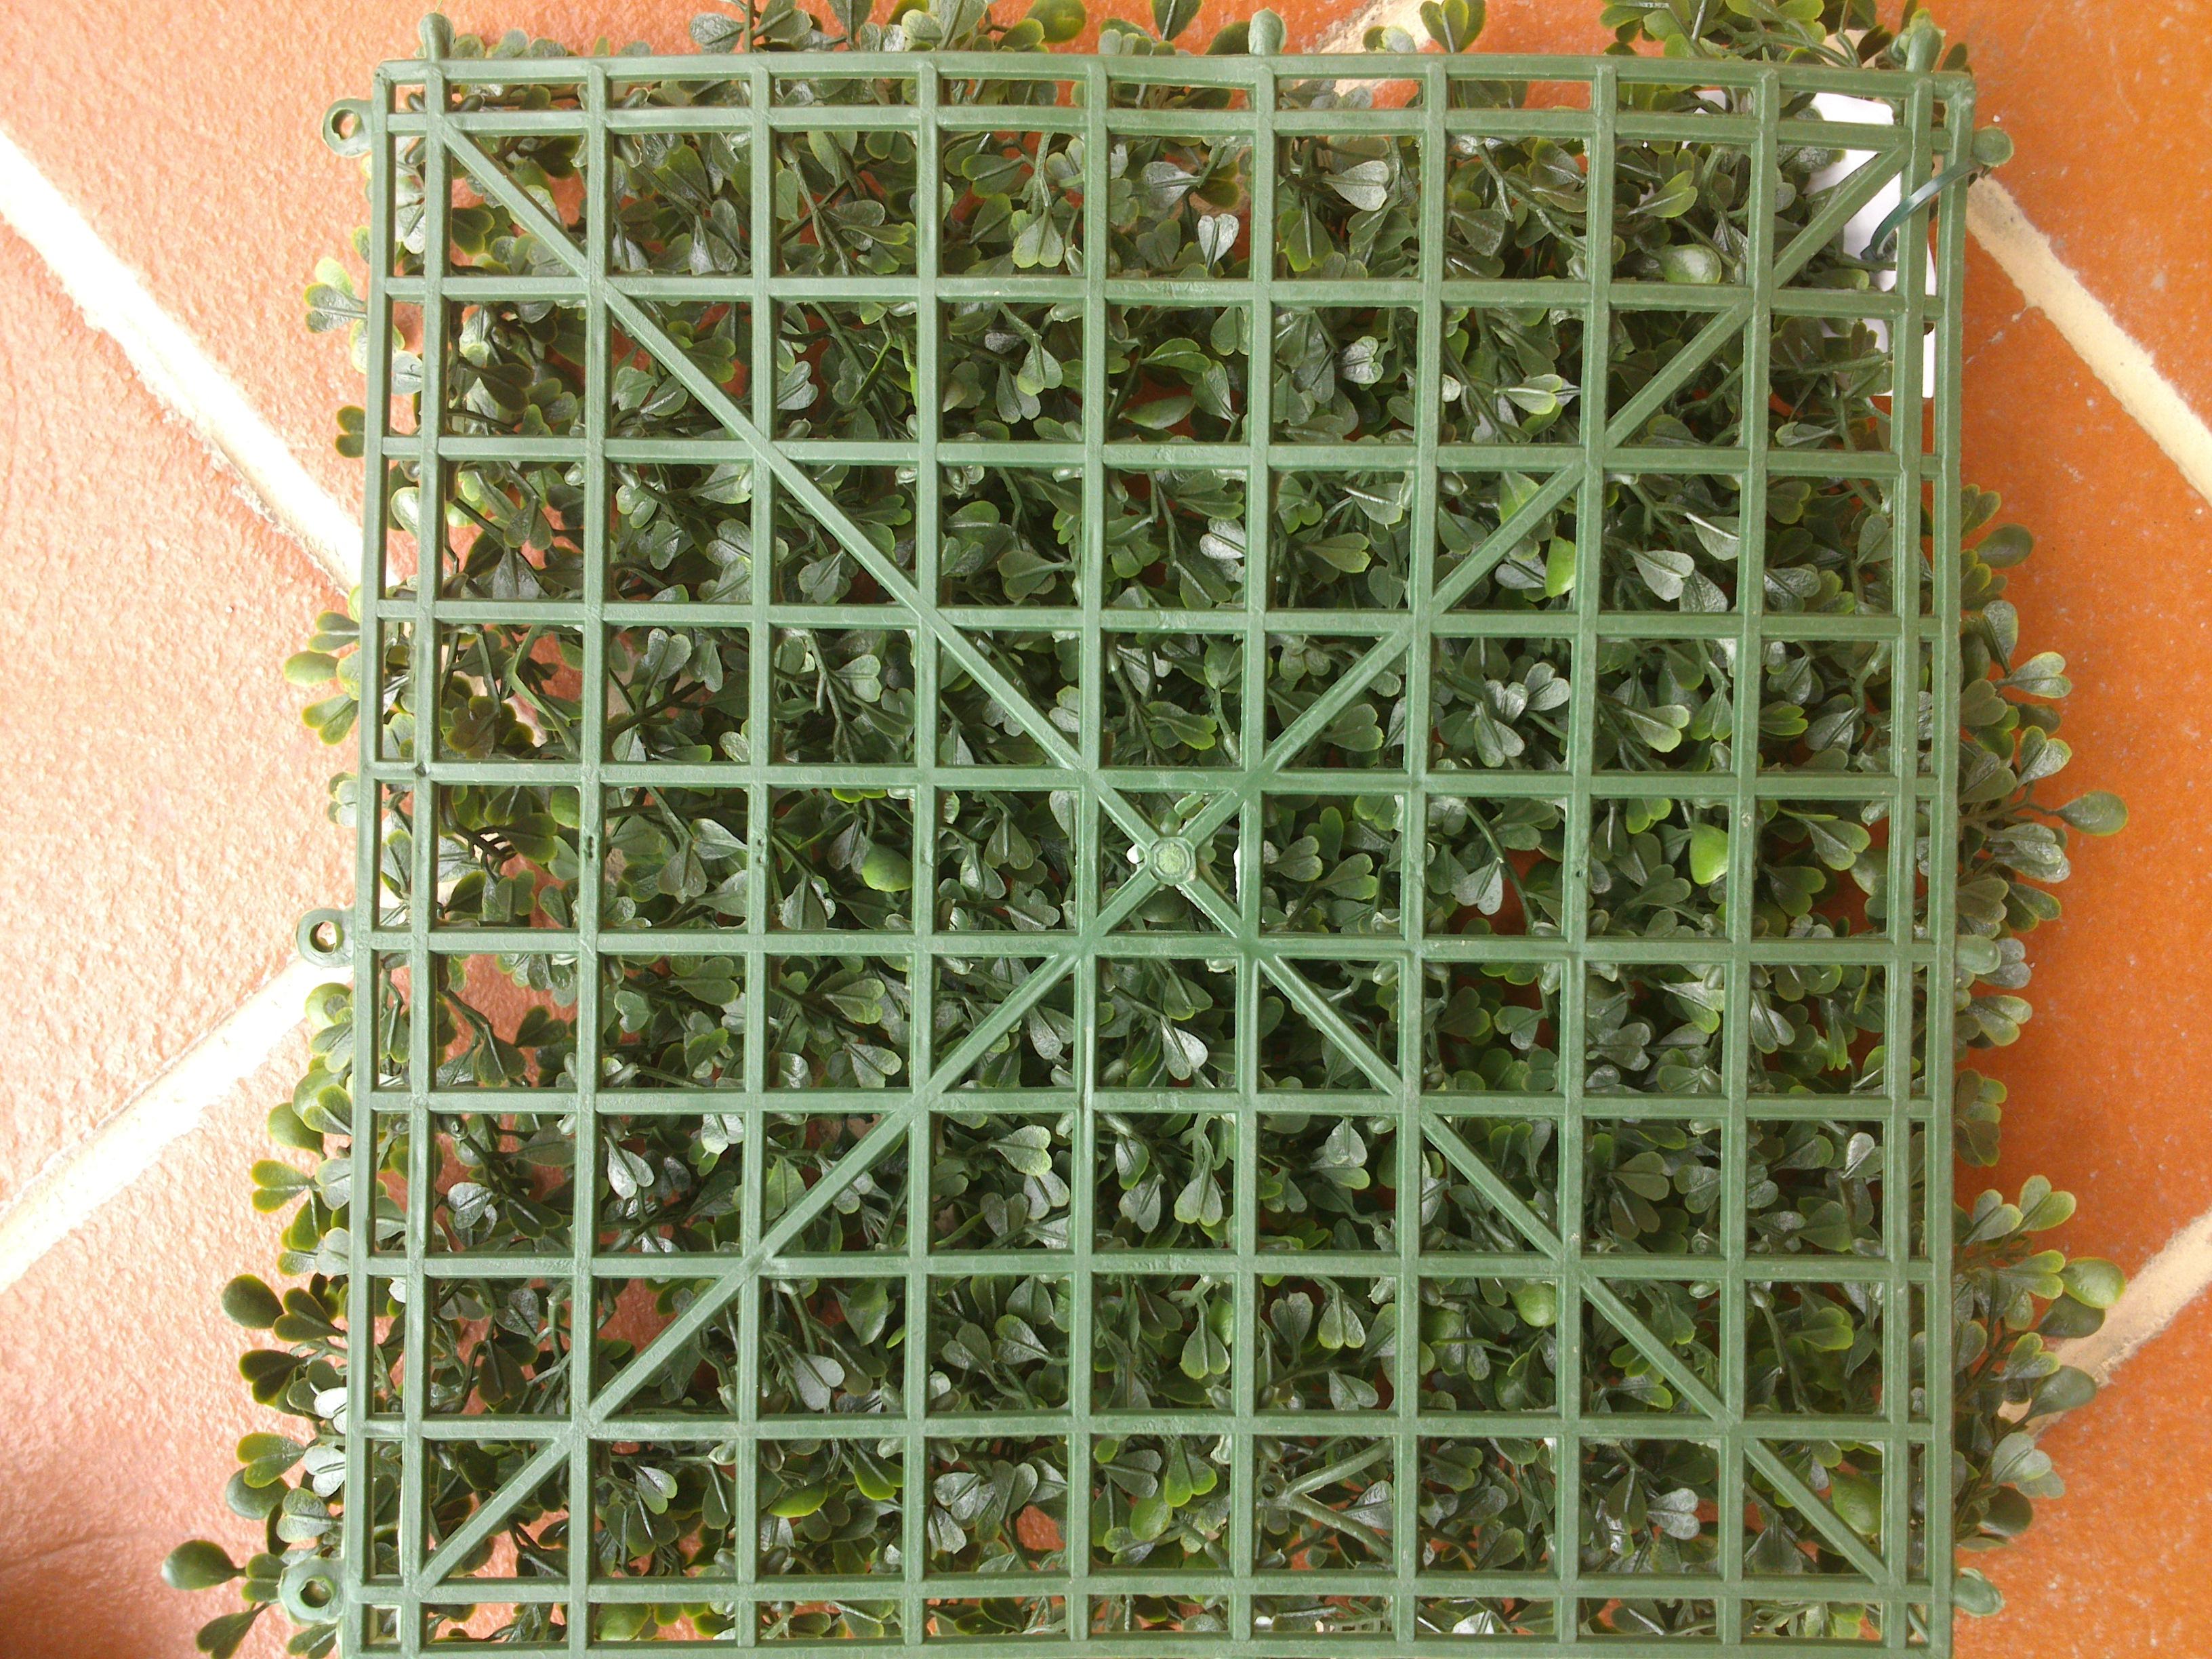 Siepe finta artificiale formato piastrella cm con foglie di